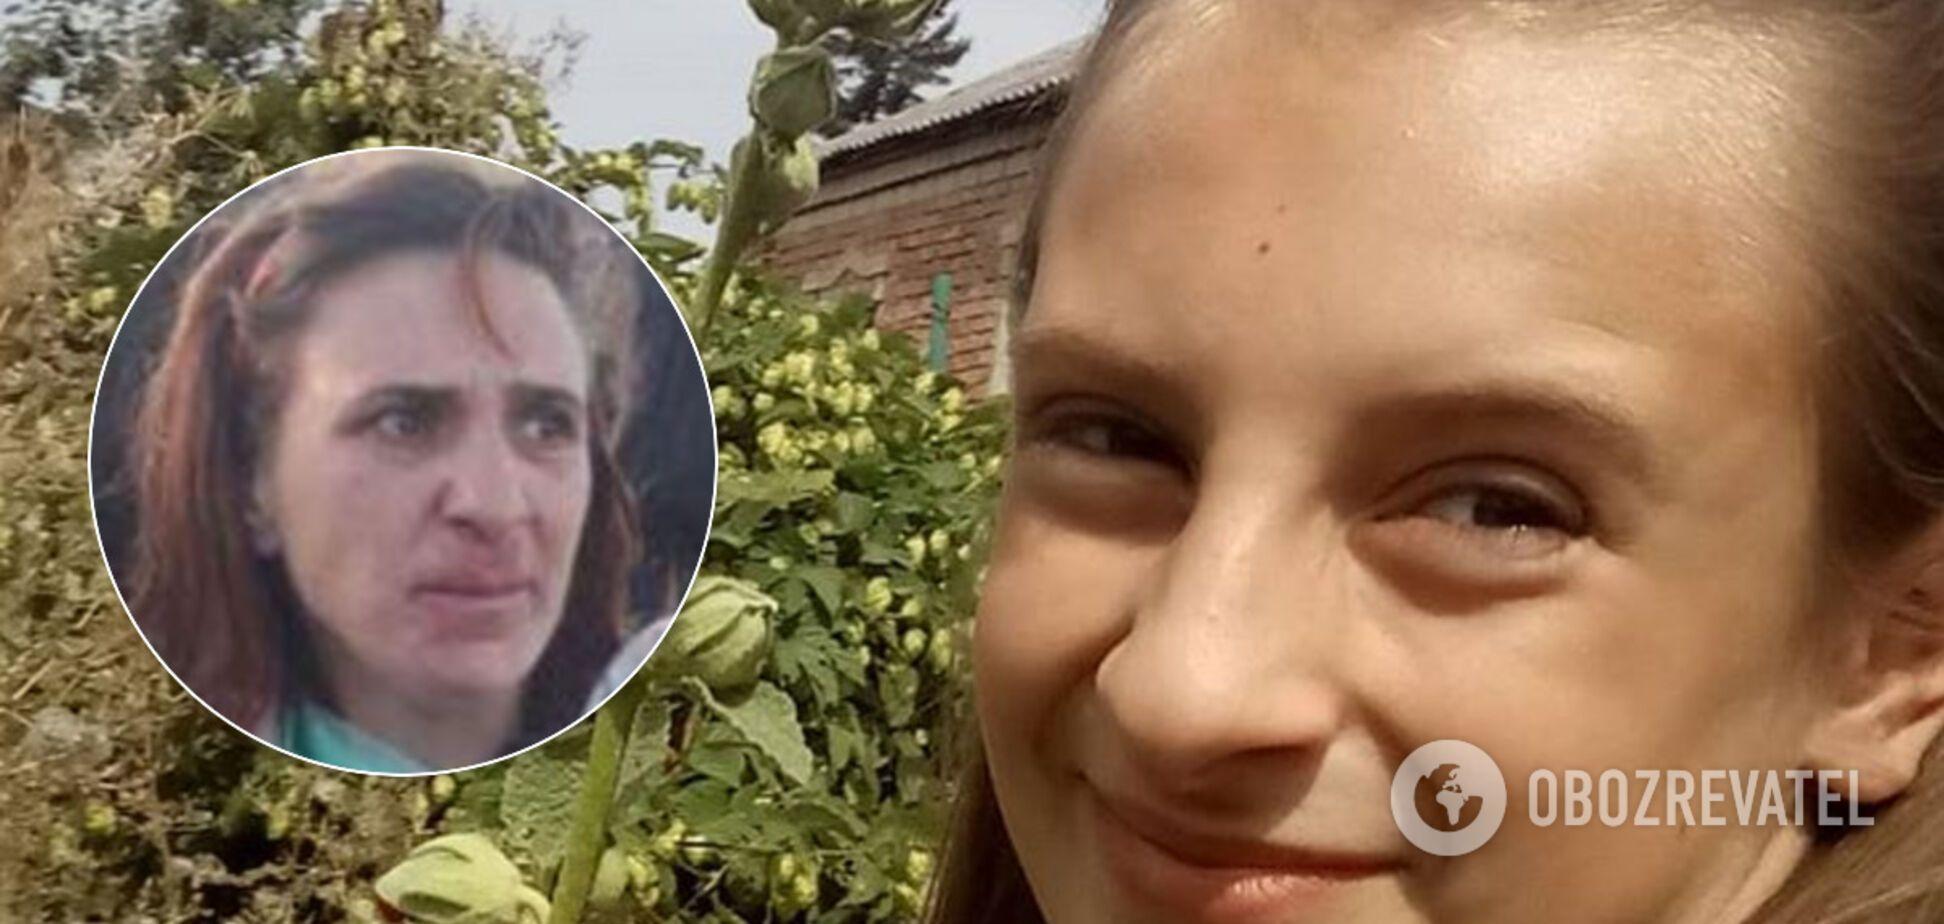 Убийство 13-летней девочки под Харьковом: мать вынесла иконы и накрыла зеркала перед трагедией